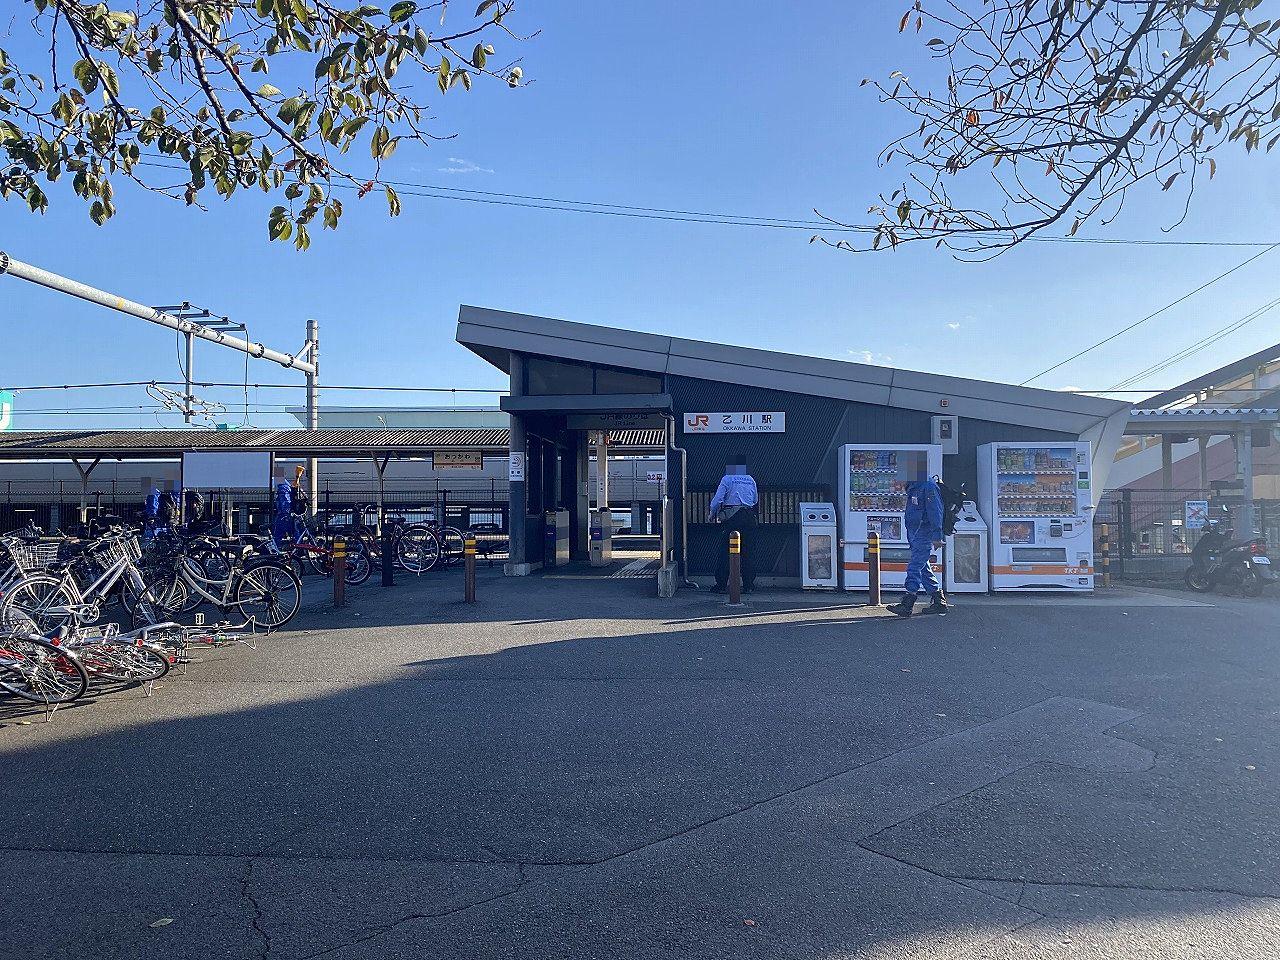 無人駅だが、自動券売機・自動改札機を整備した上で遠隔案内によって一括的に管理